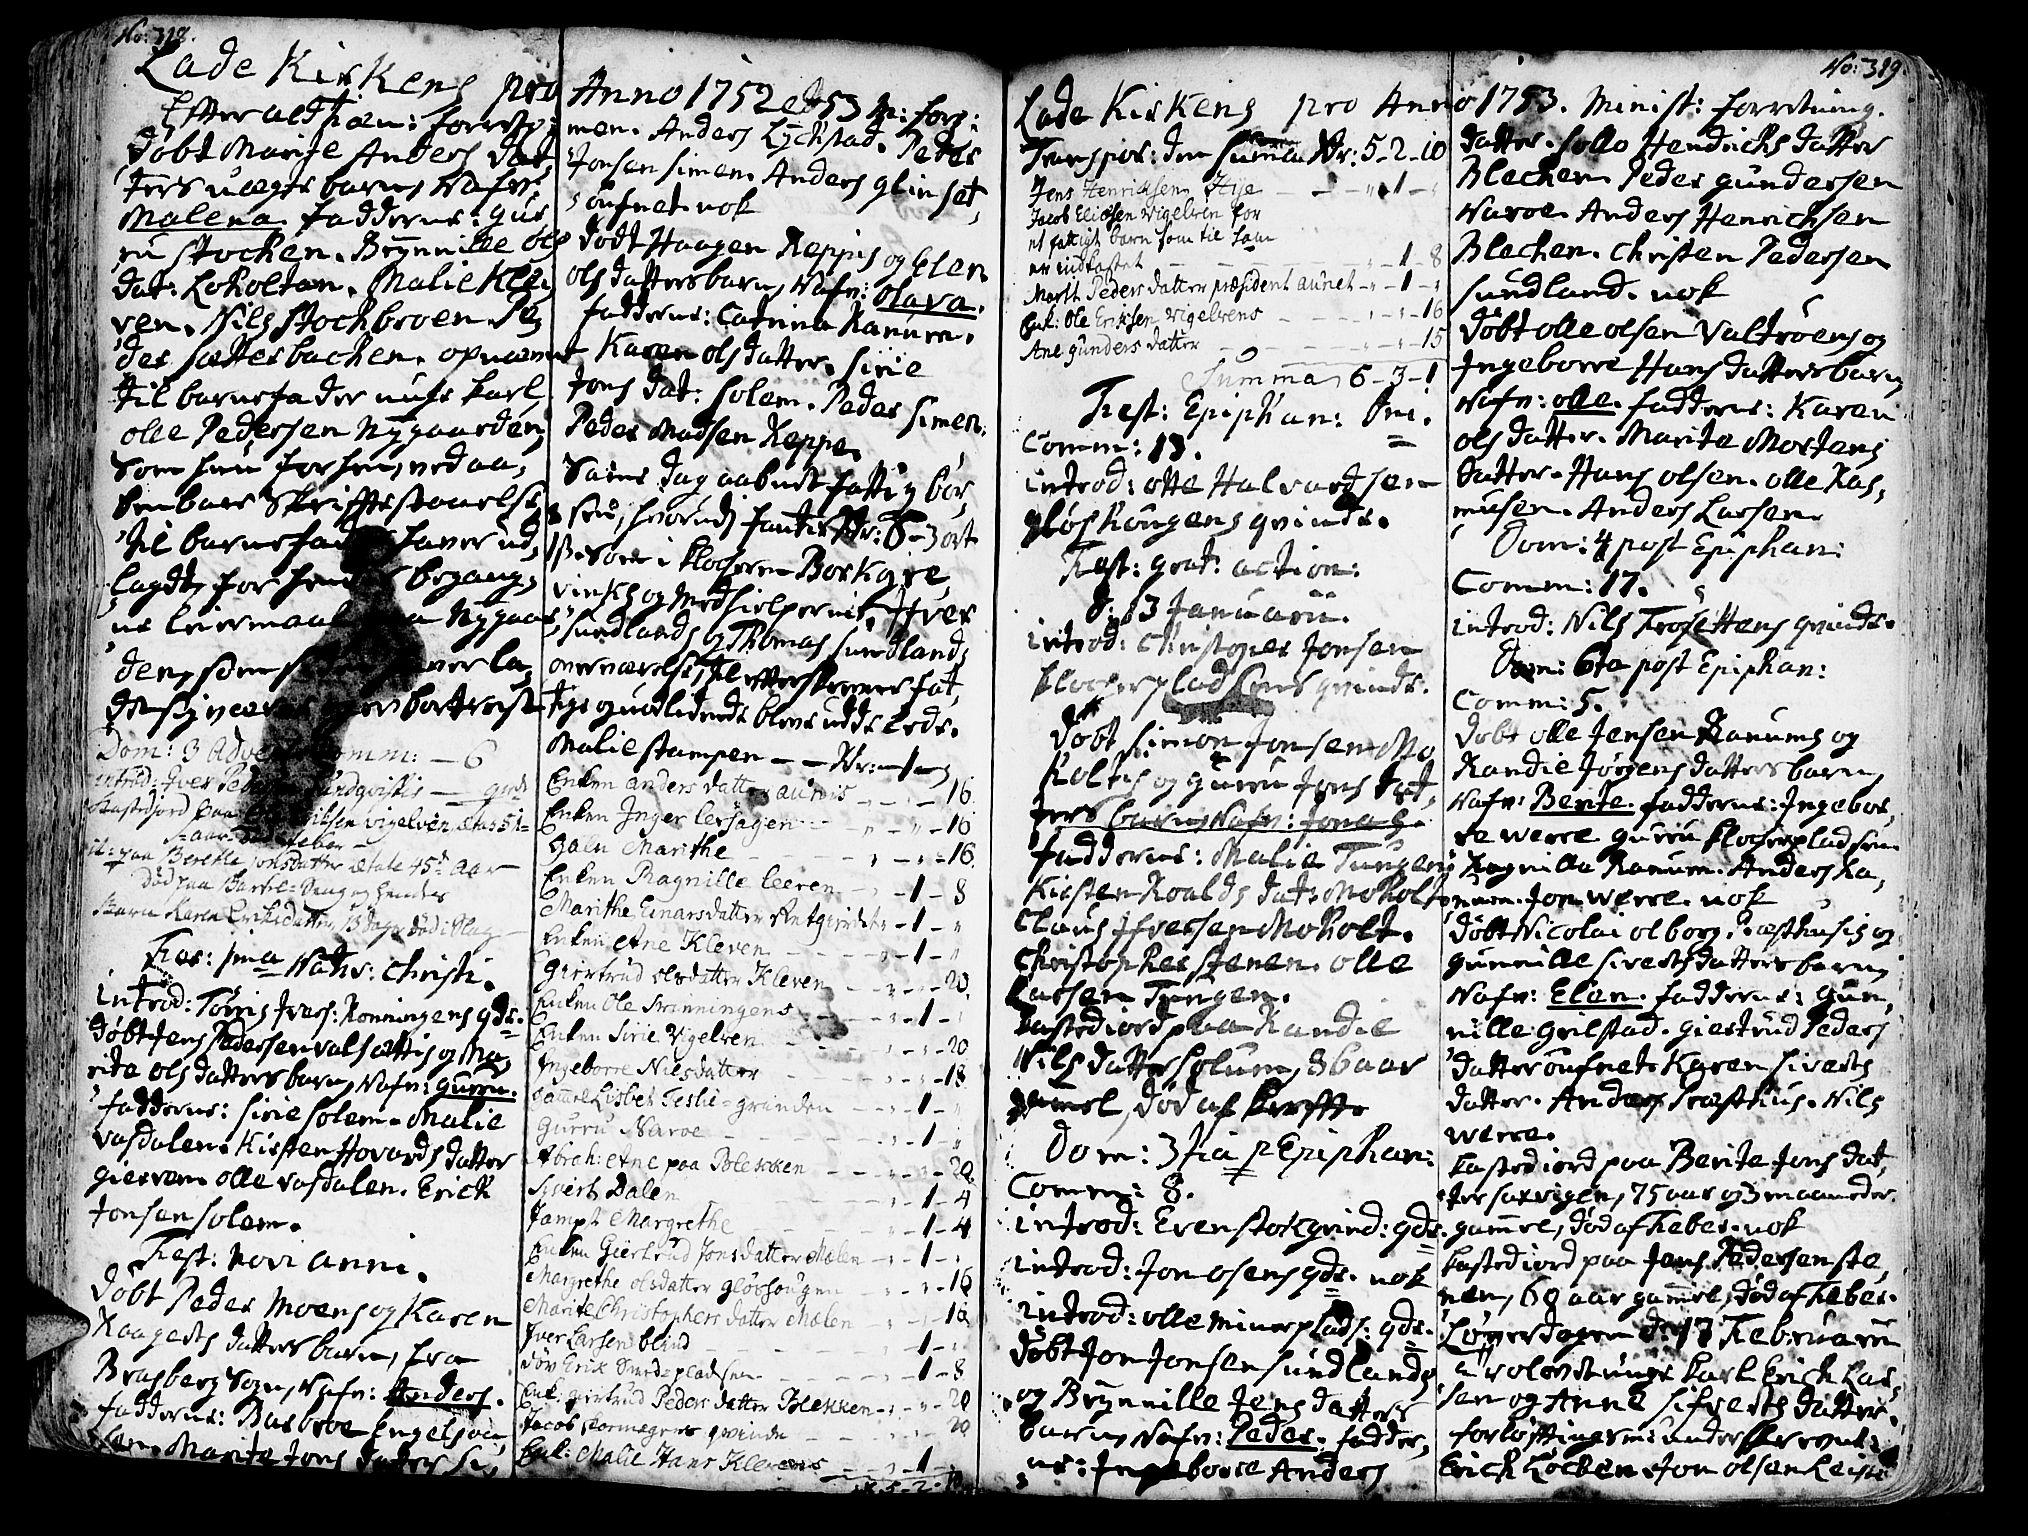 SAT, Ministerialprotokoller, klokkerbøker og fødselsregistre - Sør-Trøndelag, 606/L0275: Ministerialbok nr. 606A01 /1, 1727-1780, s. 318-319